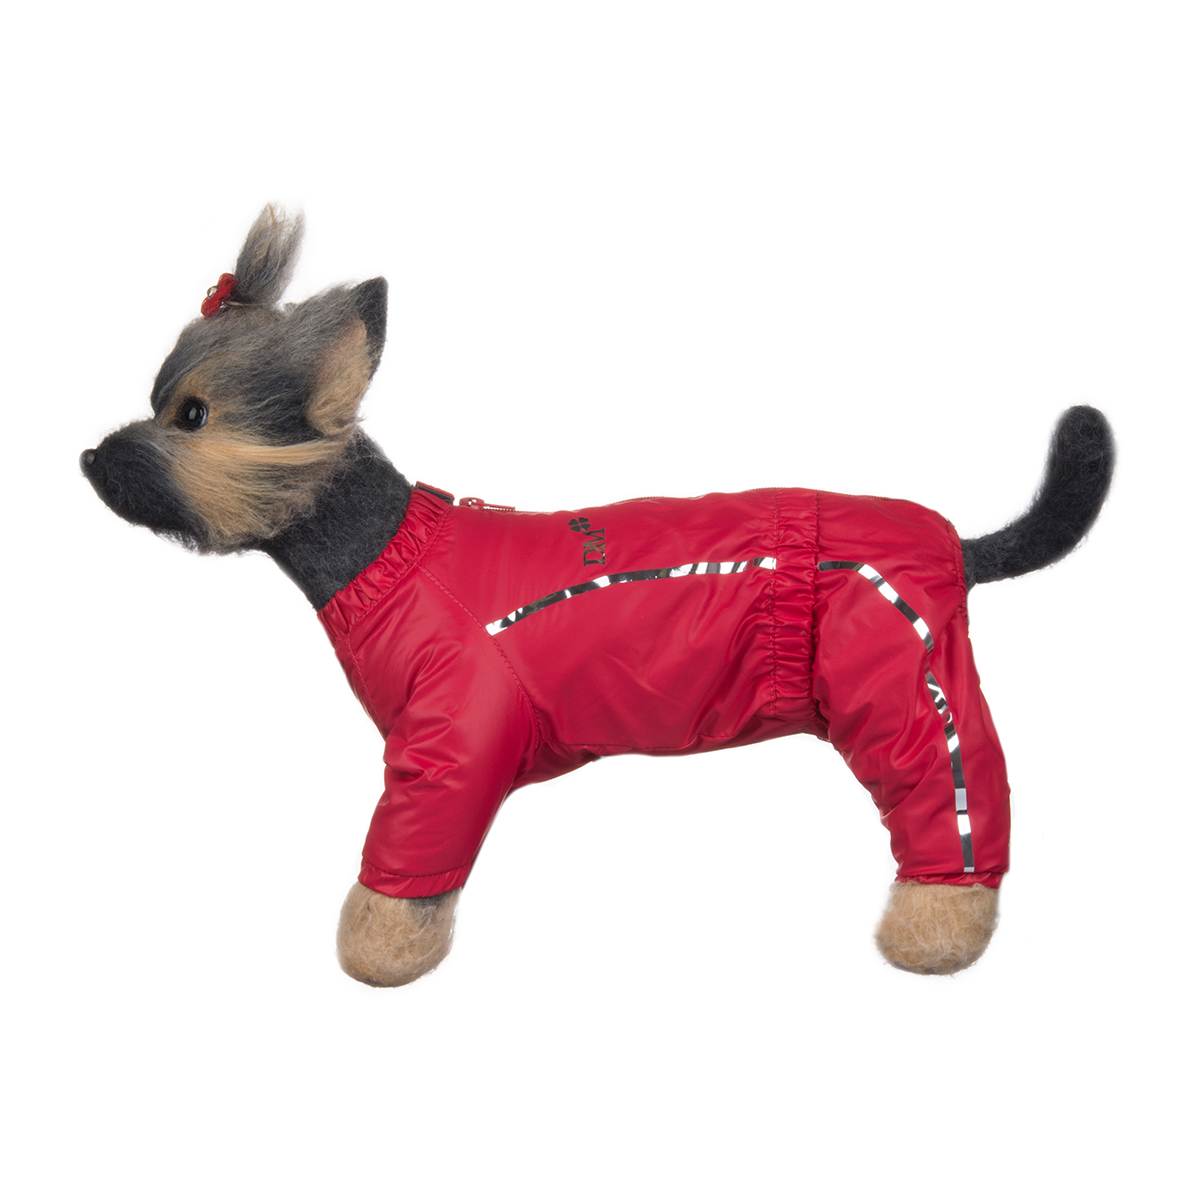 Комбинезон для собак Dogmoda Альпы, для девочки, цвет: фуксия. Размер 1 (S)DM-150327-1Комбинезон для собак Dogmoda Альпы отлично подойдет для прогулок поздней осенью или ранней весной.Комбинезон изготовлен из полиэстера, защищающего от ветра и осадков, с подкладкой из флиса, которая сохранит тепло и обеспечит отличный воздухообмен. Комбинезон застегивается на молнию и липучку, благодаря чему его легко надевать и снимать. Ворот, низ рукавов и брючин оснащены внутренними резинками, которые мягко обхватывают шею и лапки, не позволяя просачиваться холодному воздуху. На пояснице имеется внутренняя резинка. Изделие декорировано серебристыми полосками и надписью DM.Благодаря такому комбинезону простуда не грозит вашему питомцу и он не даст любимцу продрогнуть на прогулке.